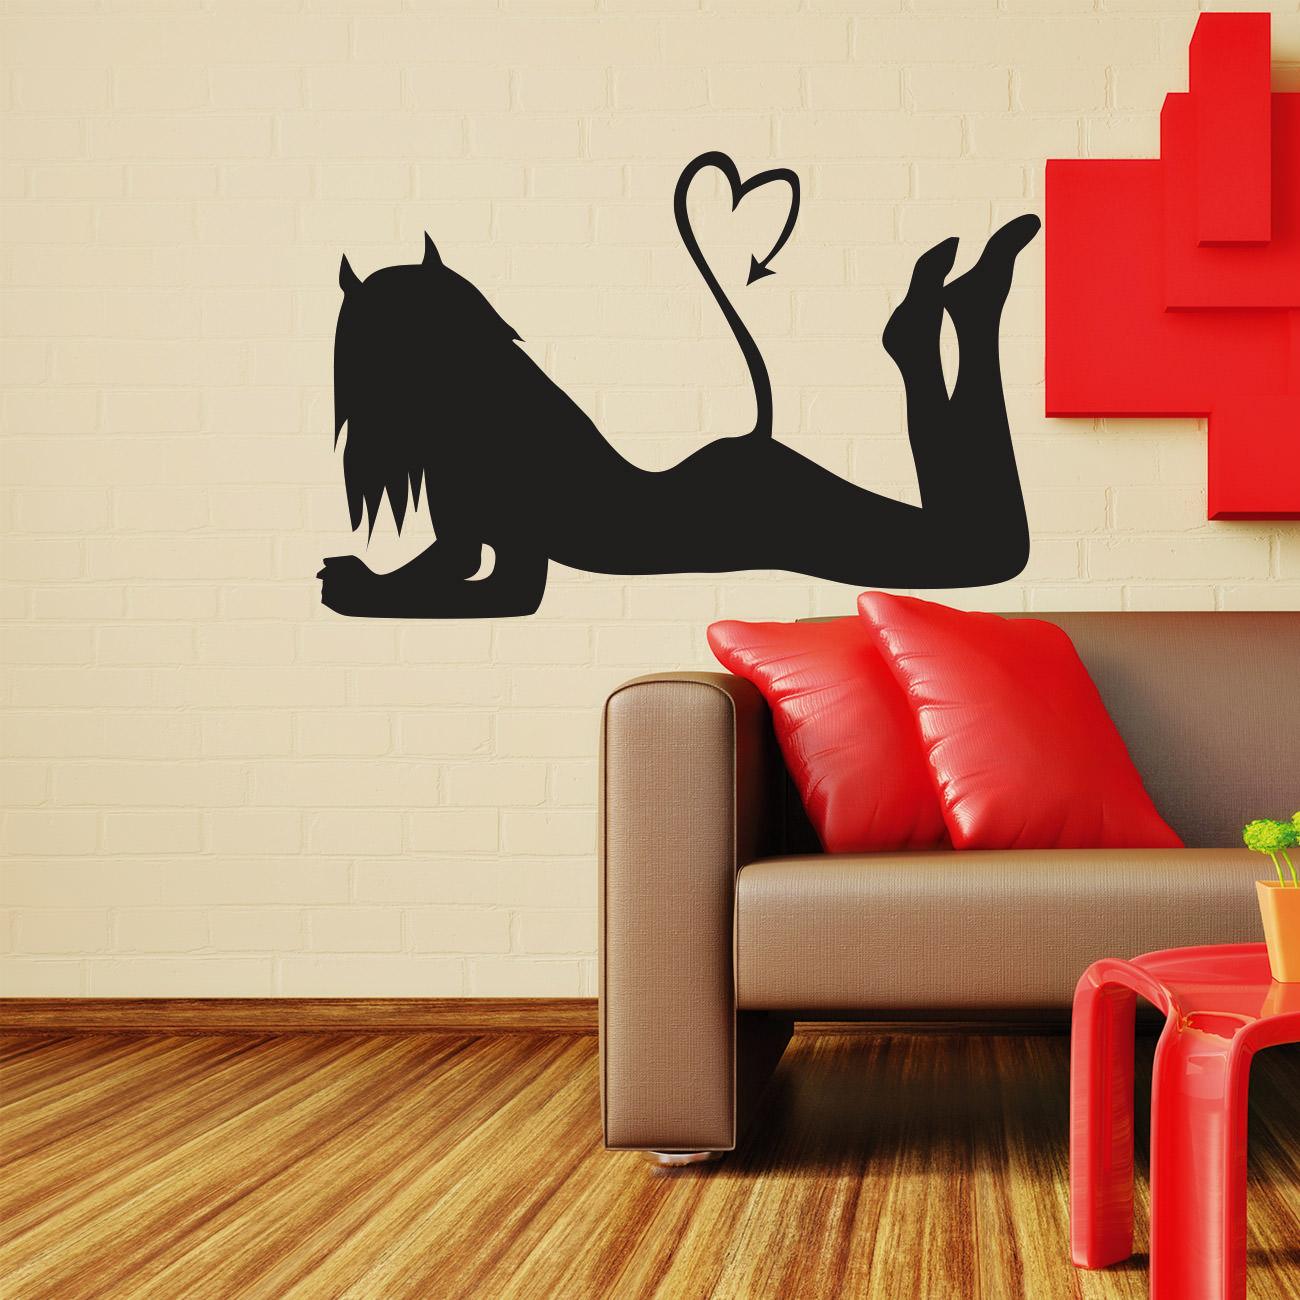 wandspruch f r schlafzimmer schlafzimmer einrichten graues bett kommode f r bettw sche biber. Black Bedroom Furniture Sets. Home Design Ideas